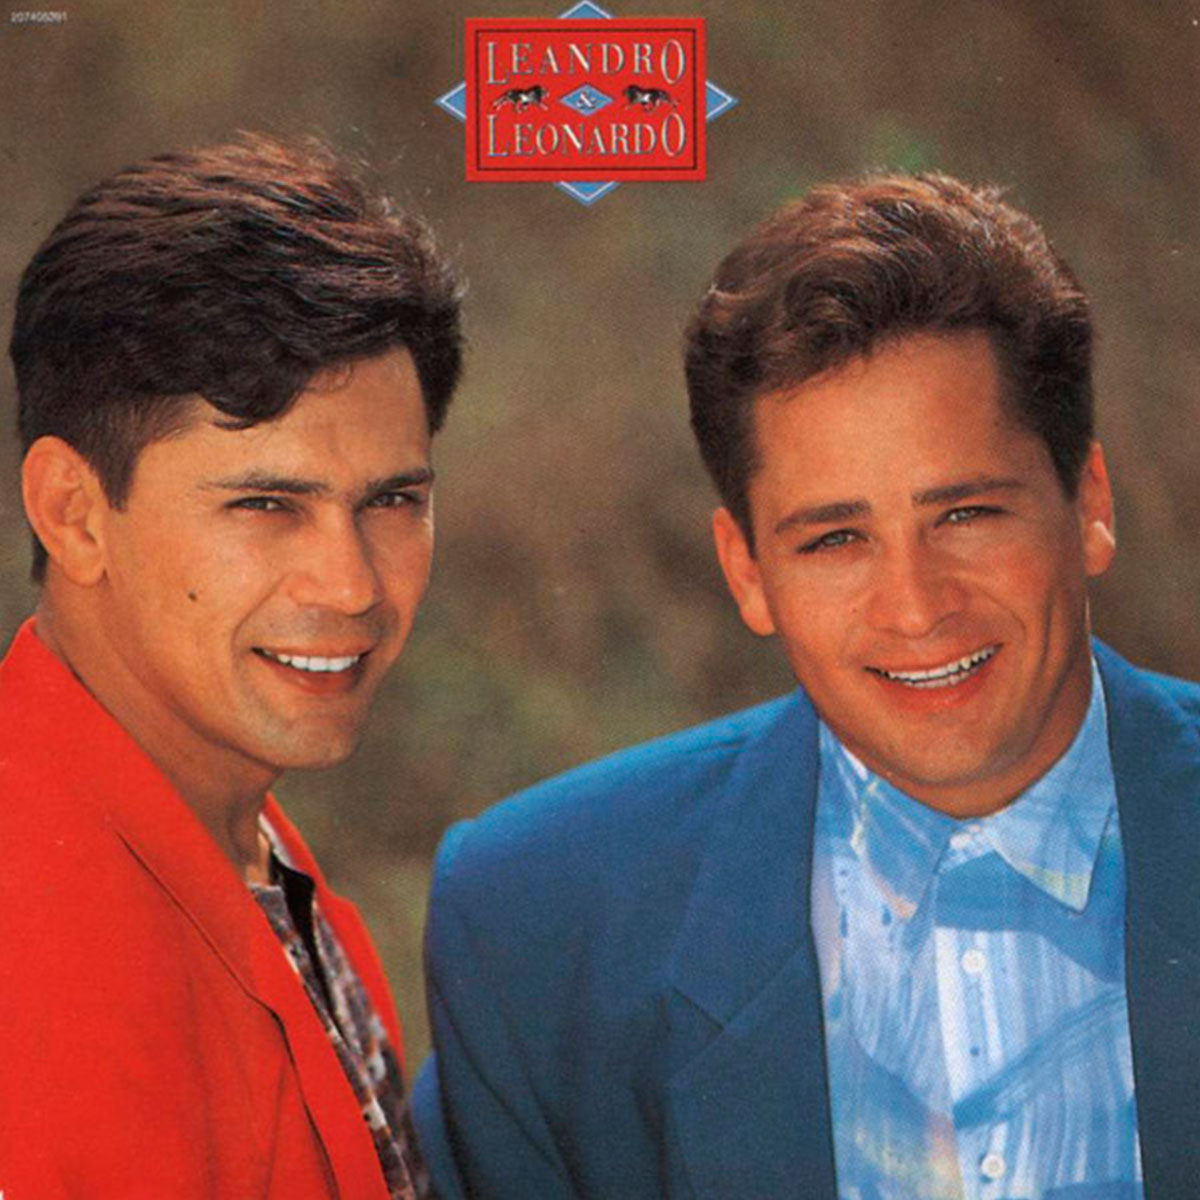 CD Leandro & Leonardo Volume 7